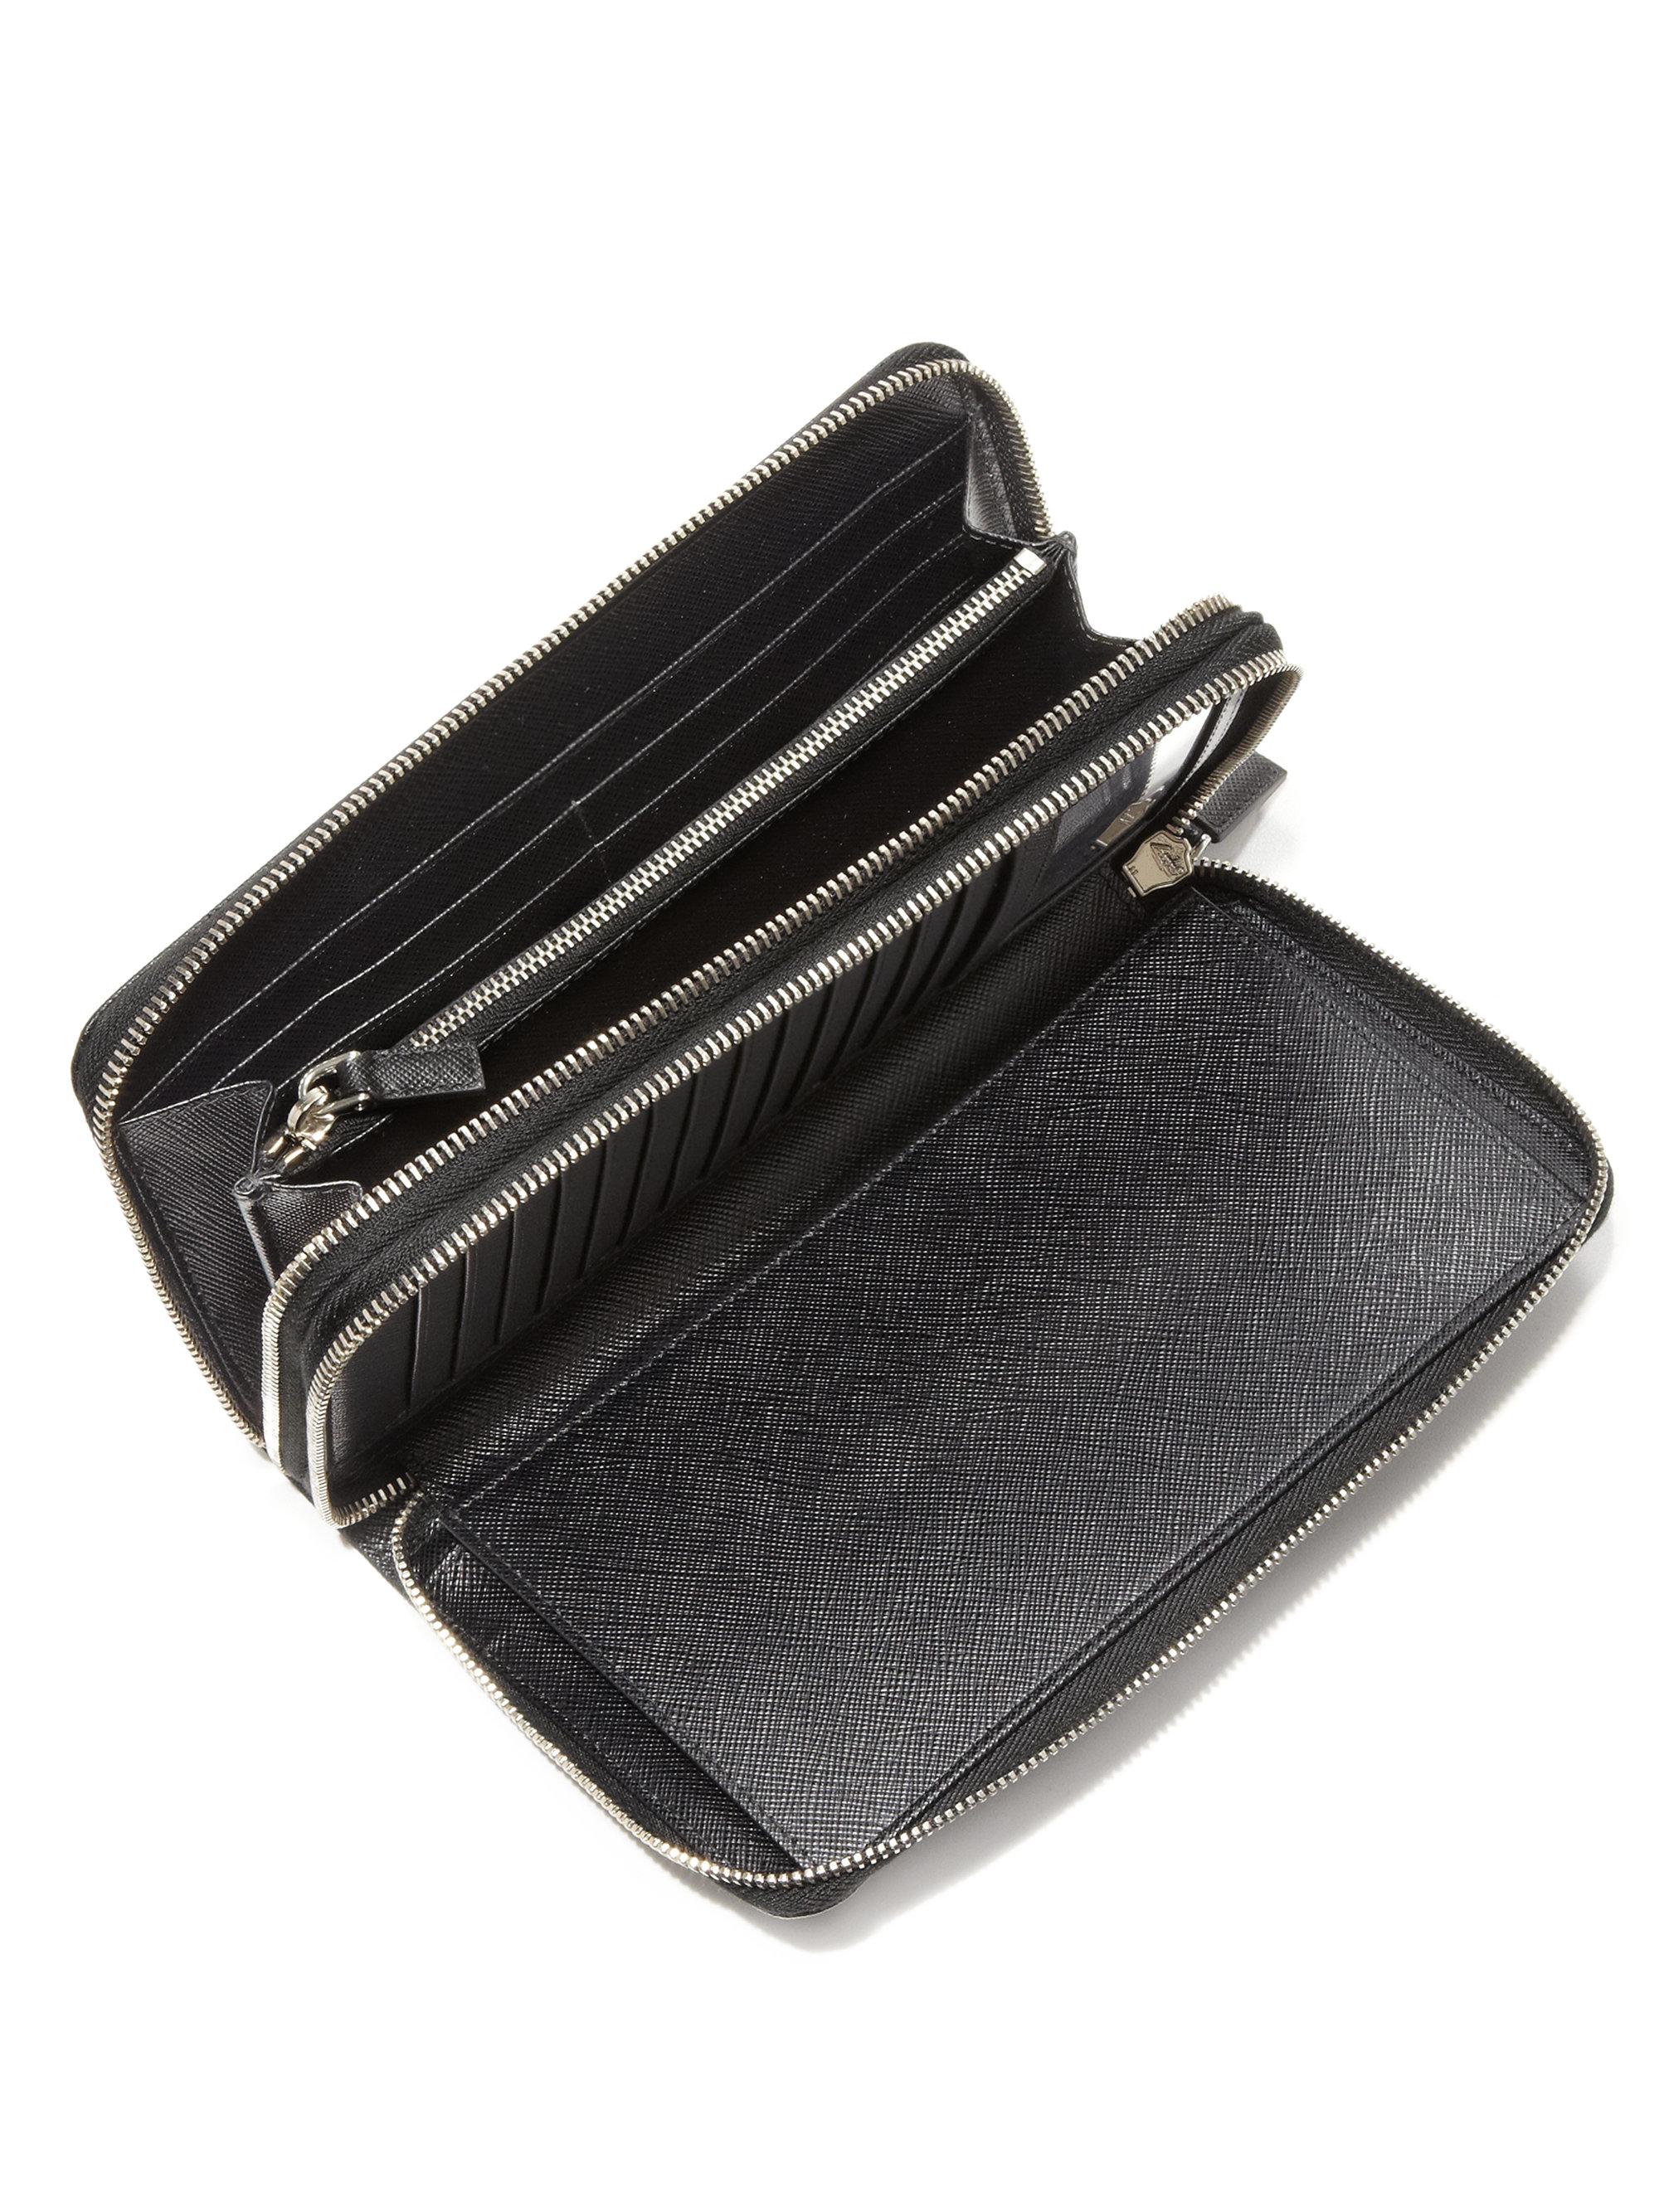 e186f274f0c6fe ... wholesale lyst prada portafoglio lampo wallet in black for men 4d734  7bb73